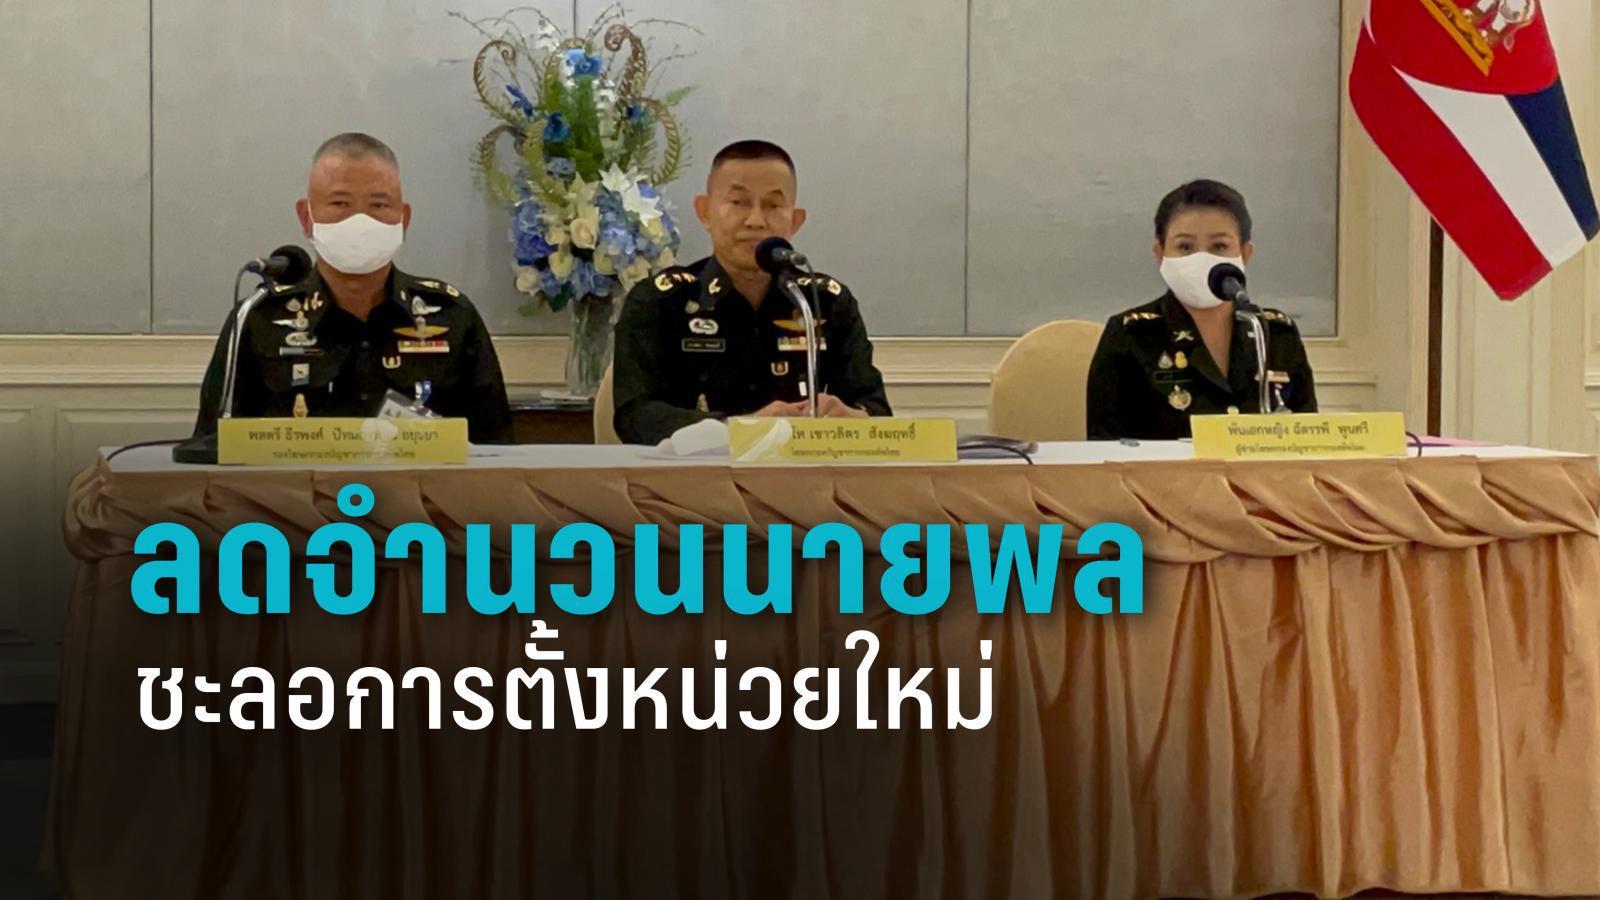 มติผบ.เหล่าทัพลดจำนวนนายพล ปิดอัตราผู้ชำนาญการ-นปก.-ผู้ทรงคุณวุฒิฯ